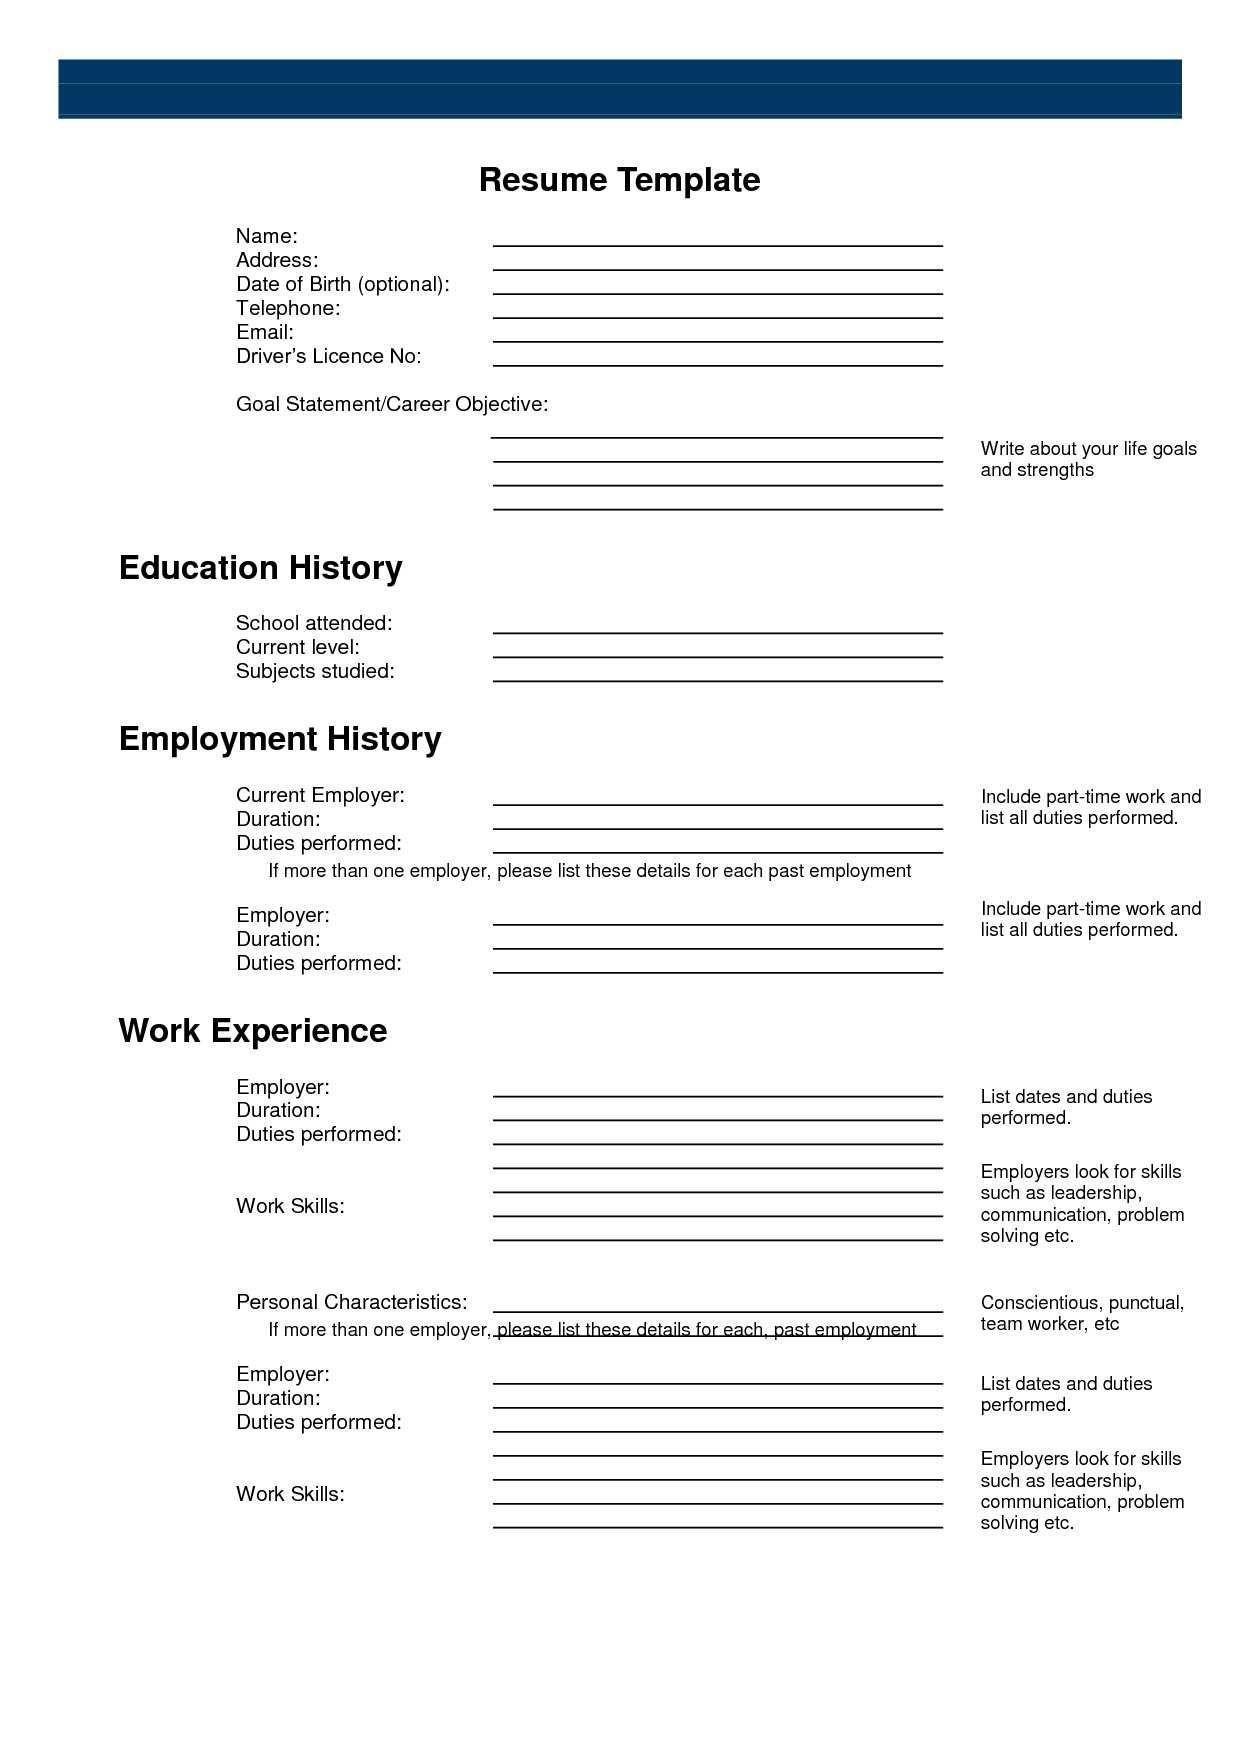 Pinanishfeds On Resumes | Free Printable Resume, Free Printable - Free Printable Resume Builder